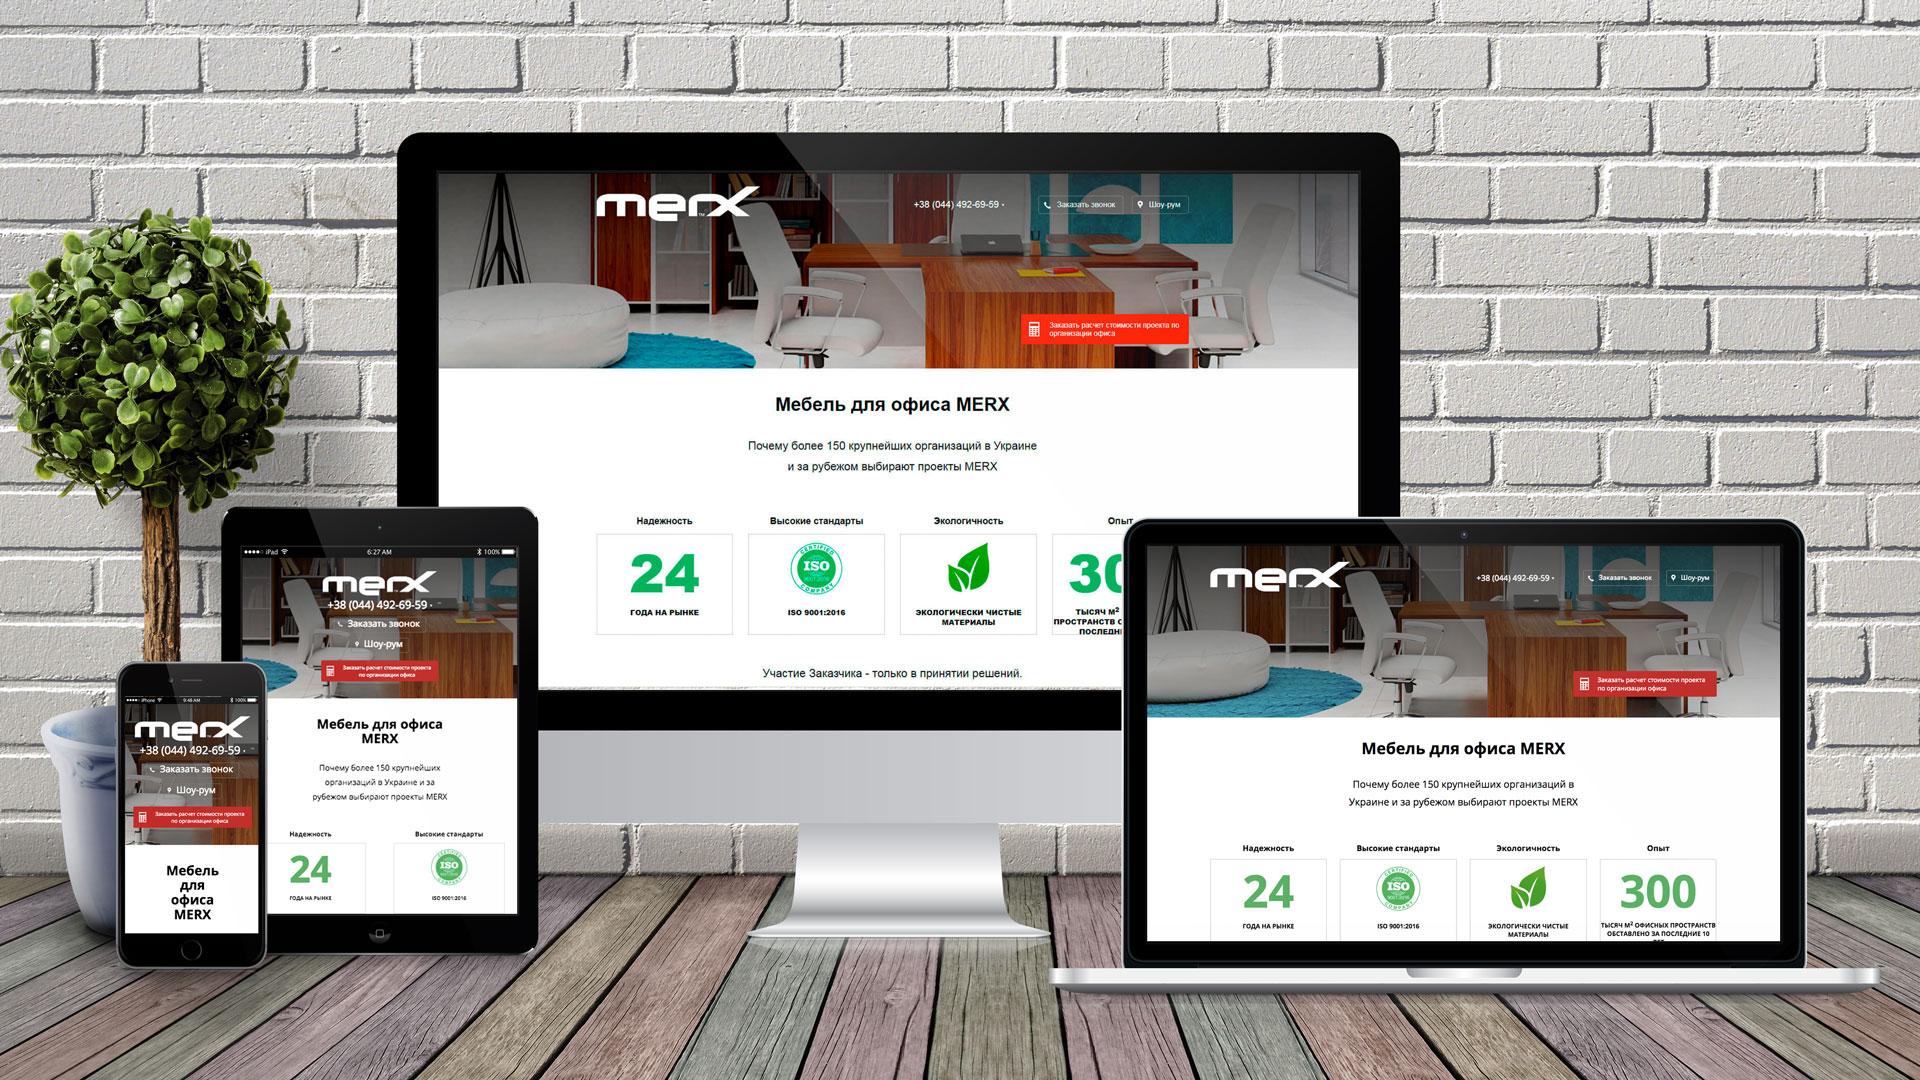 Merx Лендінг-пейдж для продажу окремого напрямку